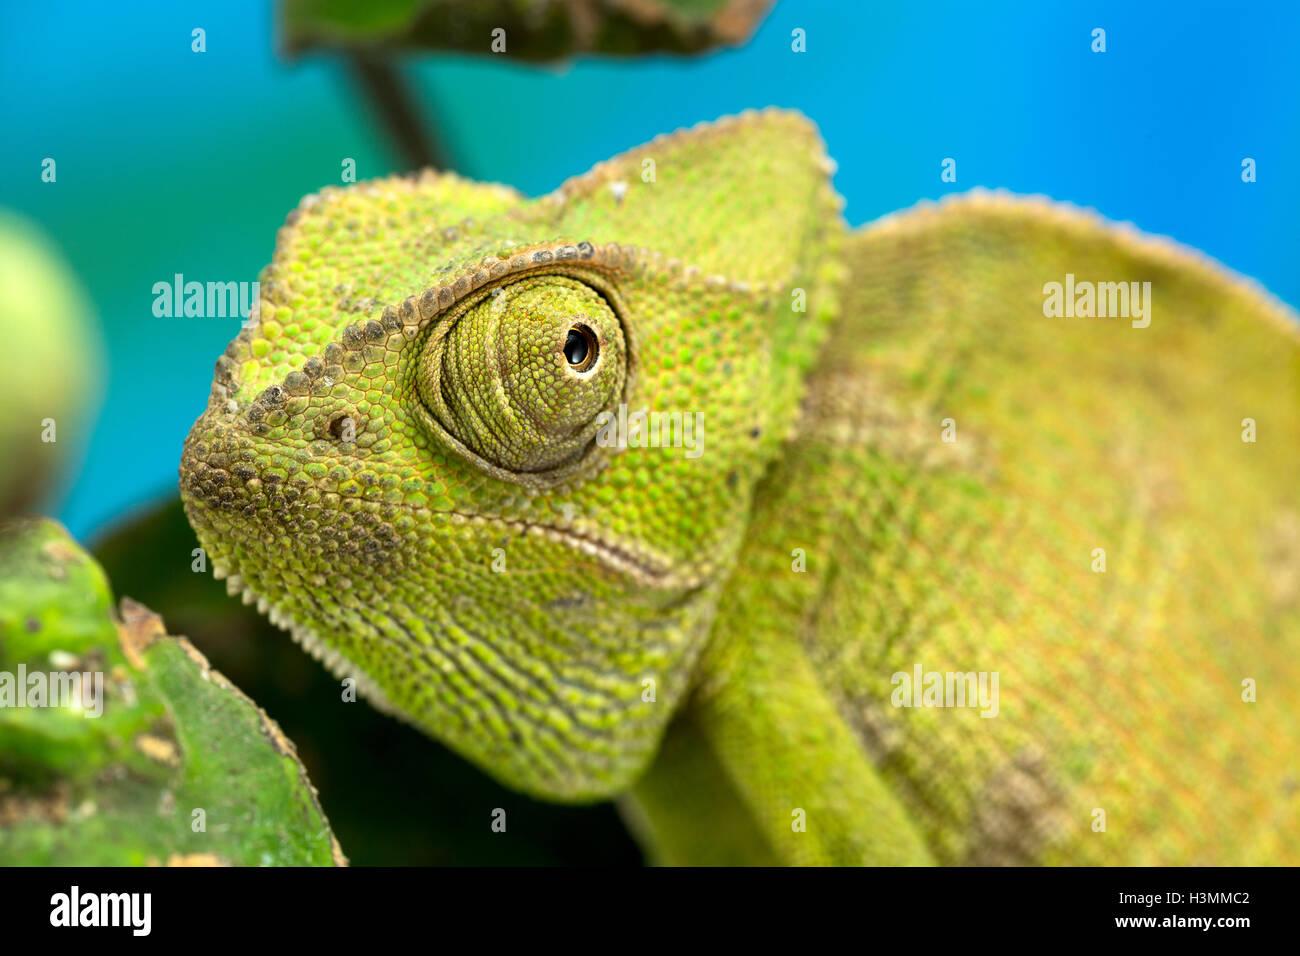 Nahaufnahme von einer grünen mittlerer Größe Chamäleon Stockbild